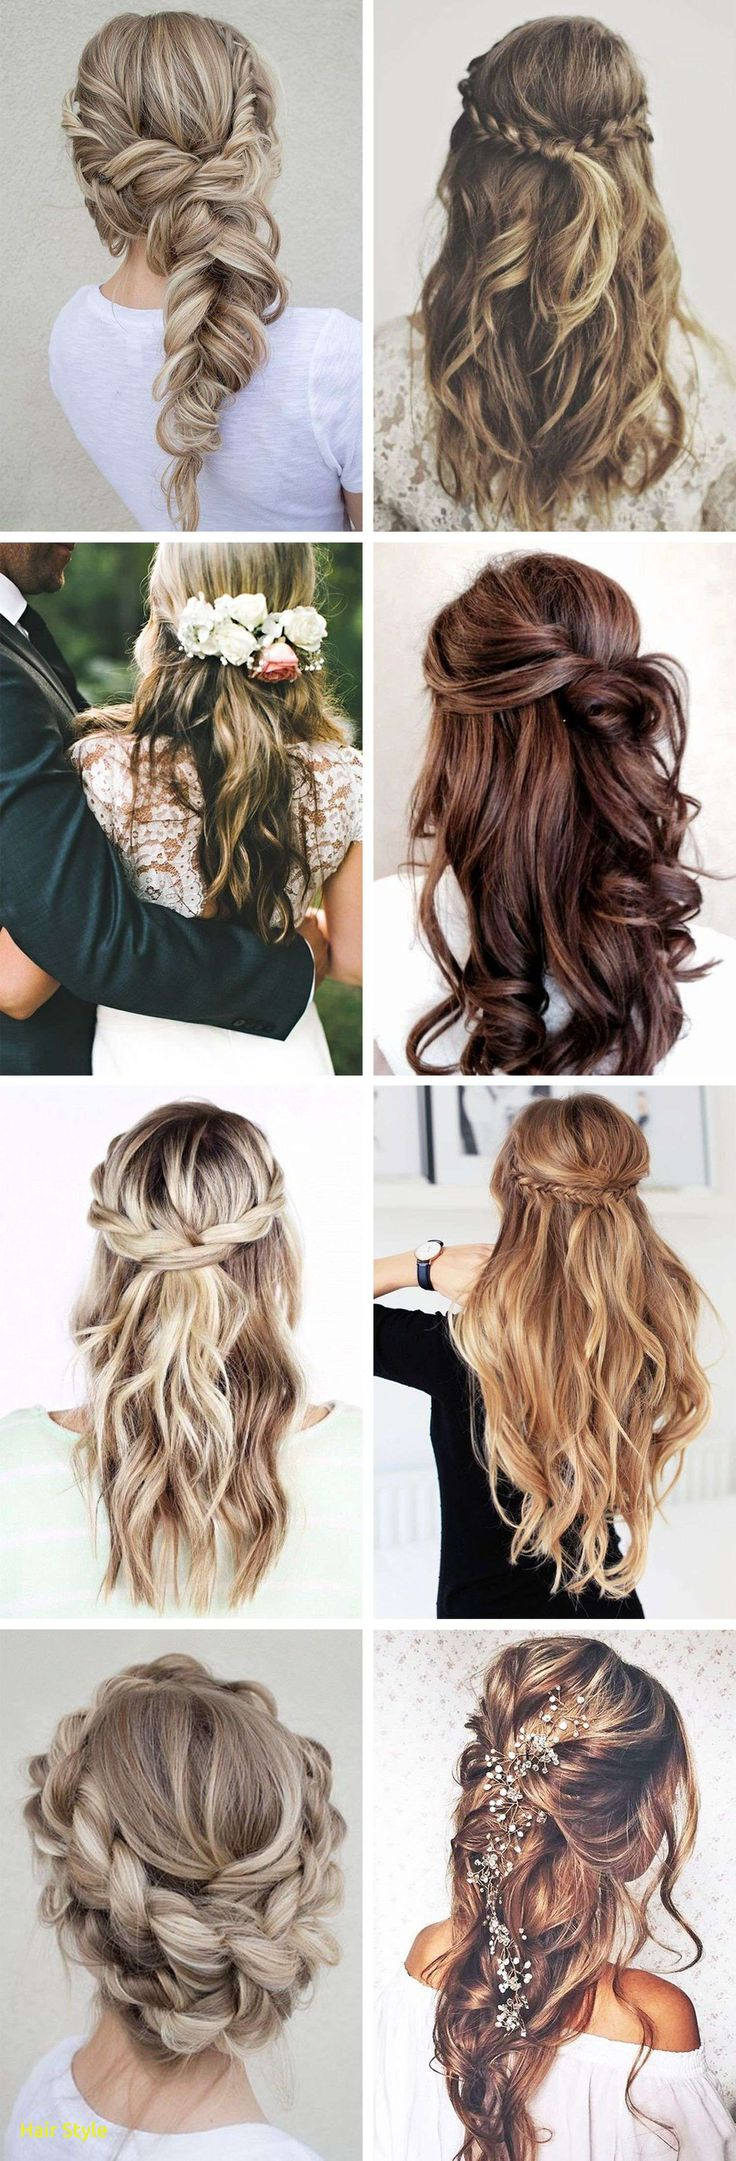 Neue geflochtene Frisuren lange Haare Hochzeit